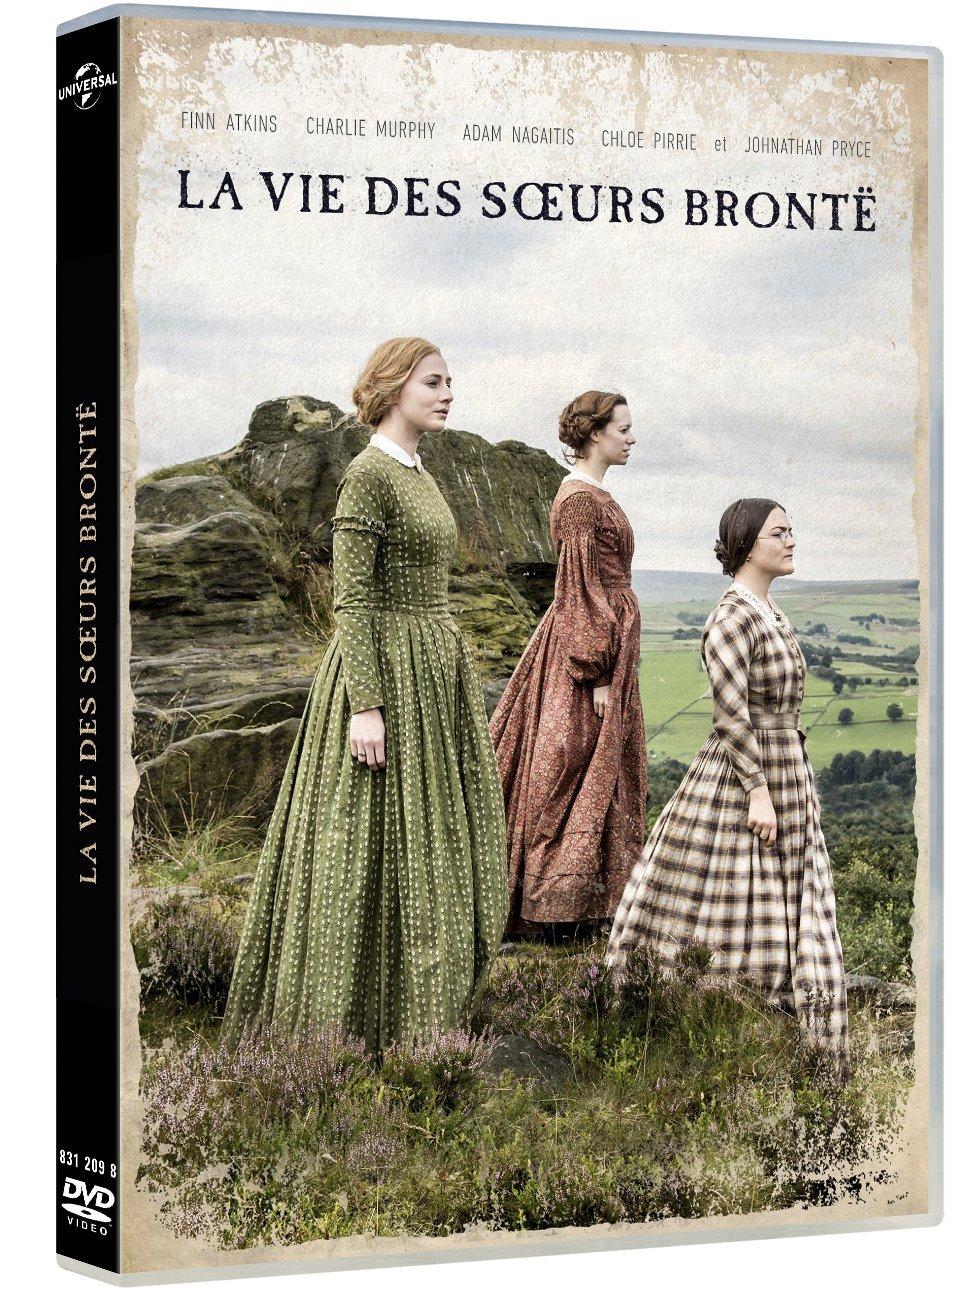 To walk invisible, un biopic des soeurs Brontë pour la BBC - Page 6 81UNfXehdHL._SL1290_